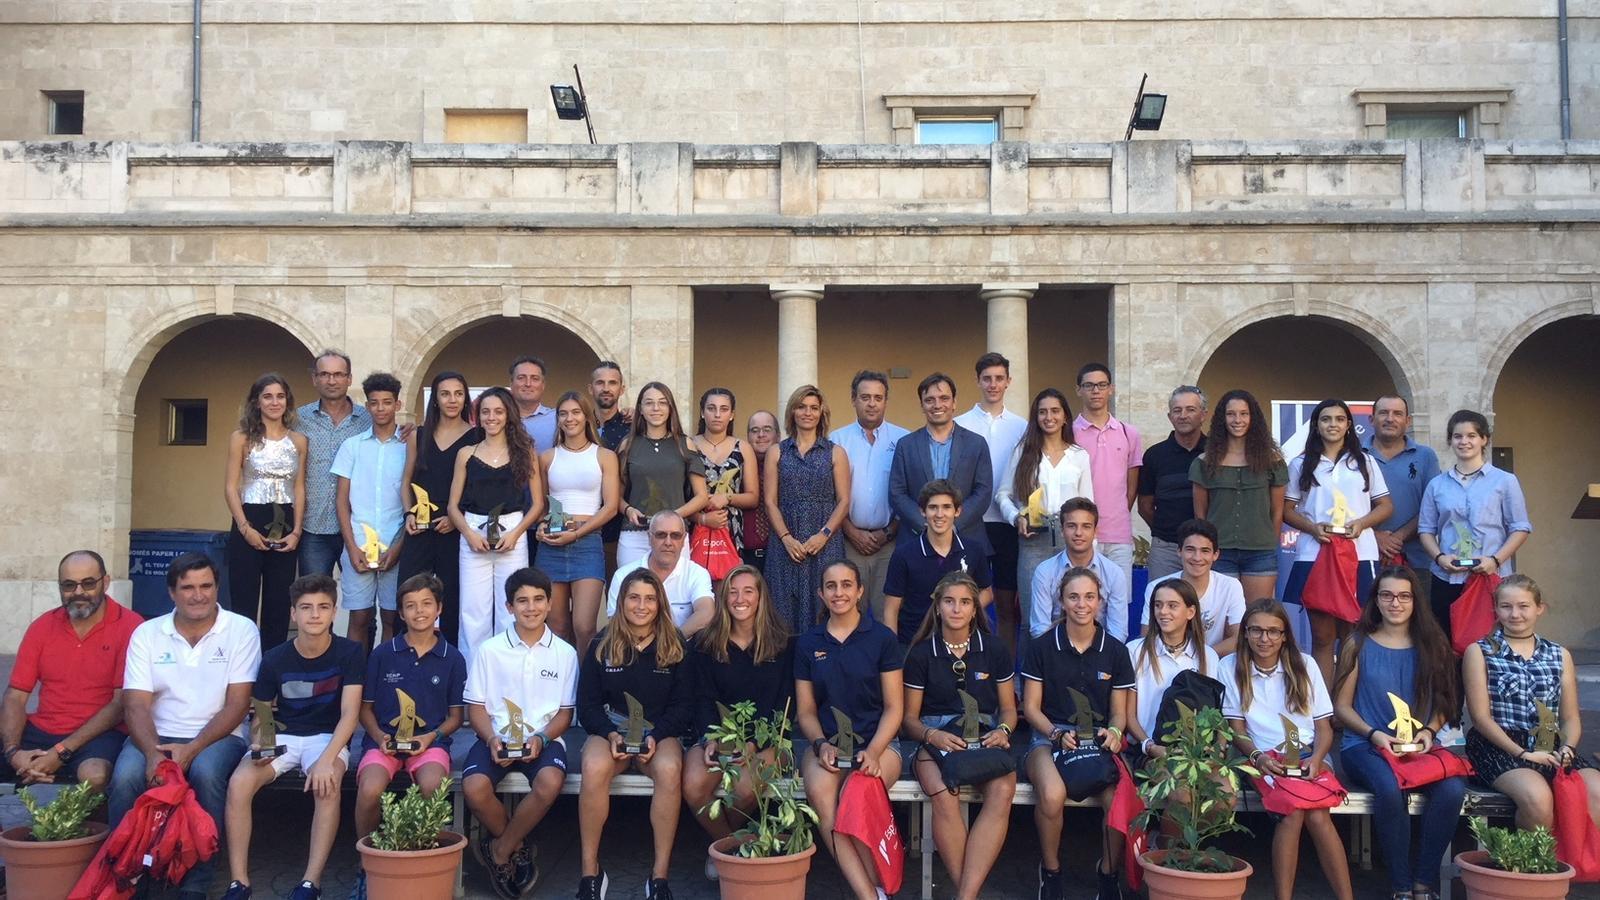 Els esportistes premiats juntament amb el conseller de Cultura, Patrimoni i Esports.